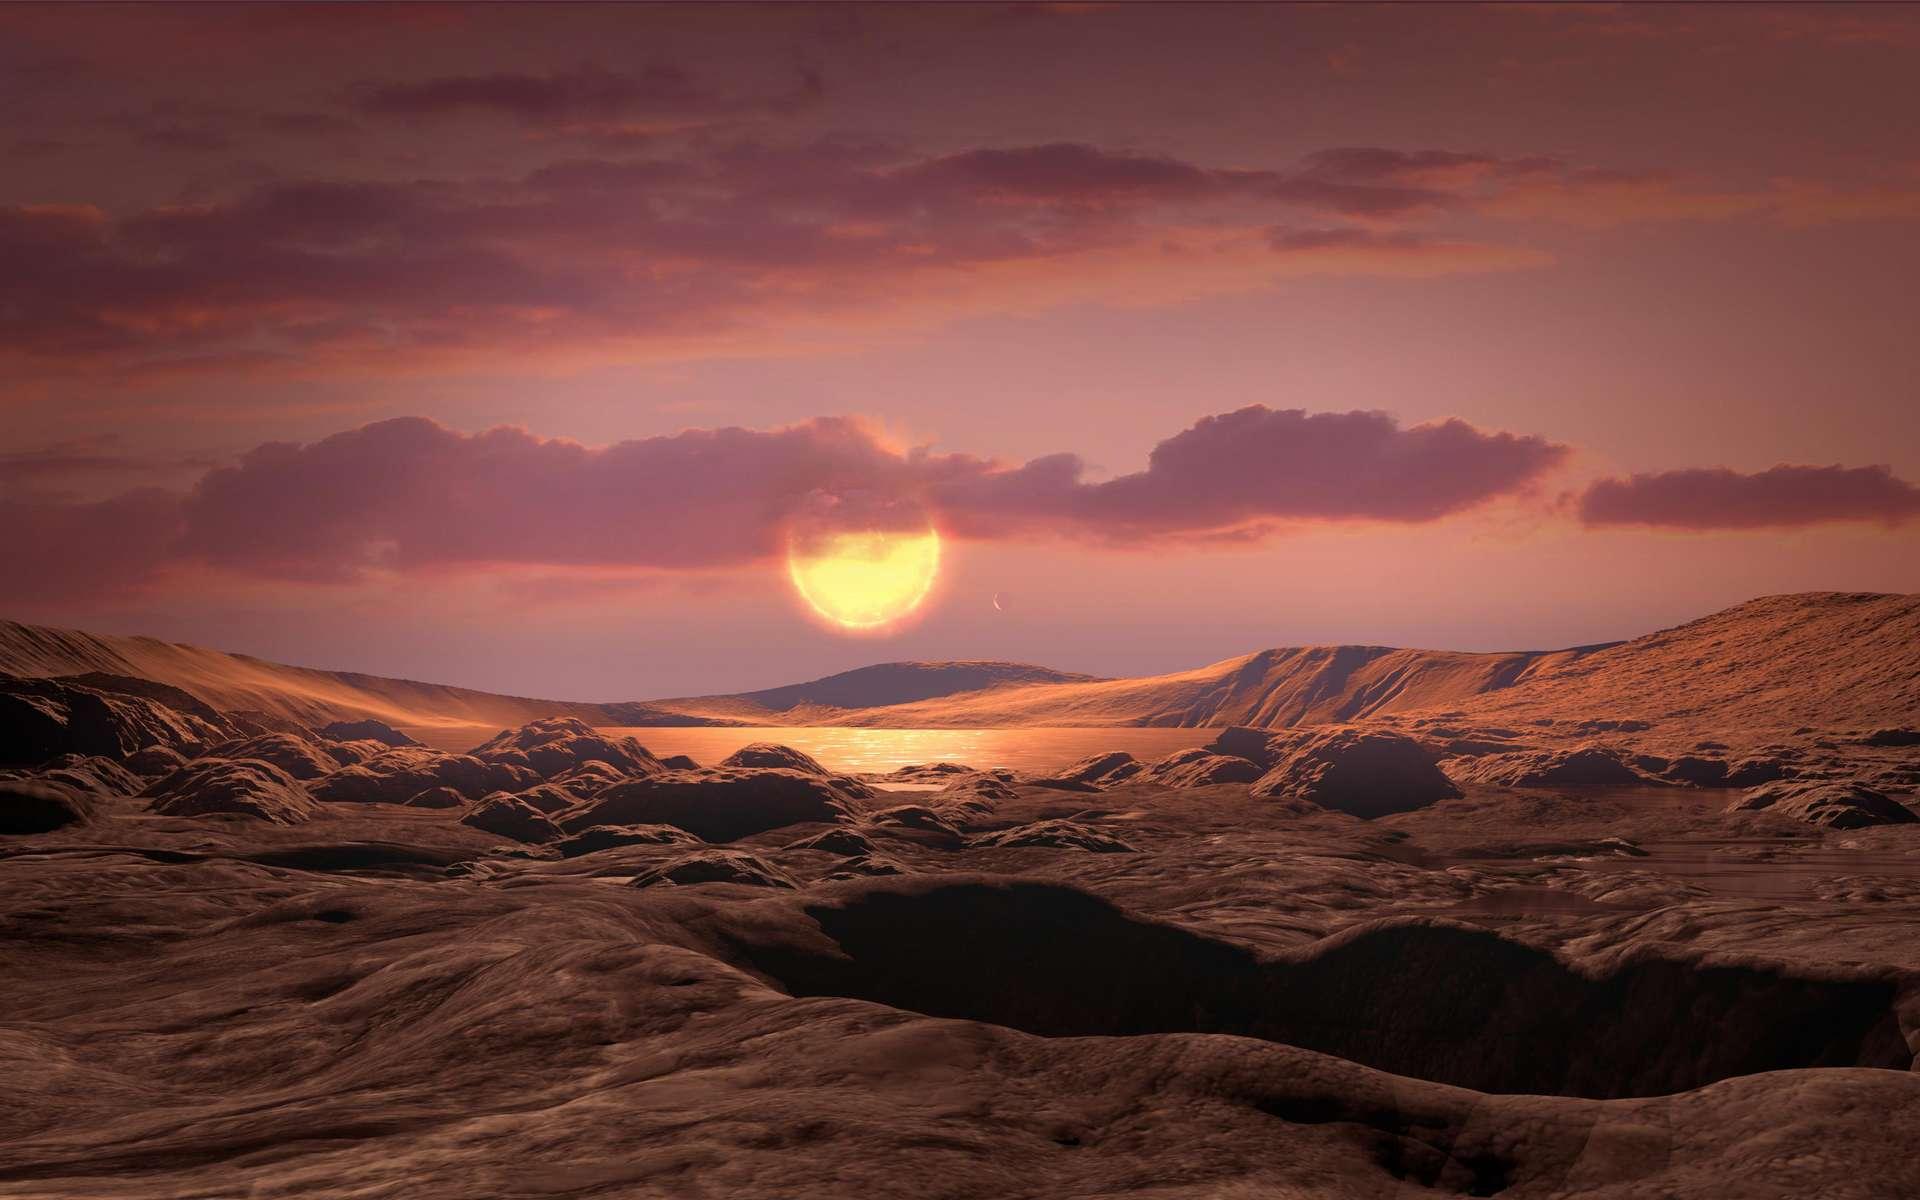 Illustration de la surface de l'exoplanète Kepler-1649c, en orbite dans la zone habitable de son étoile naine rouge, à l'instar de Proxima Centauri b. © Nasa, Ames Research Center, Daniel Rutter